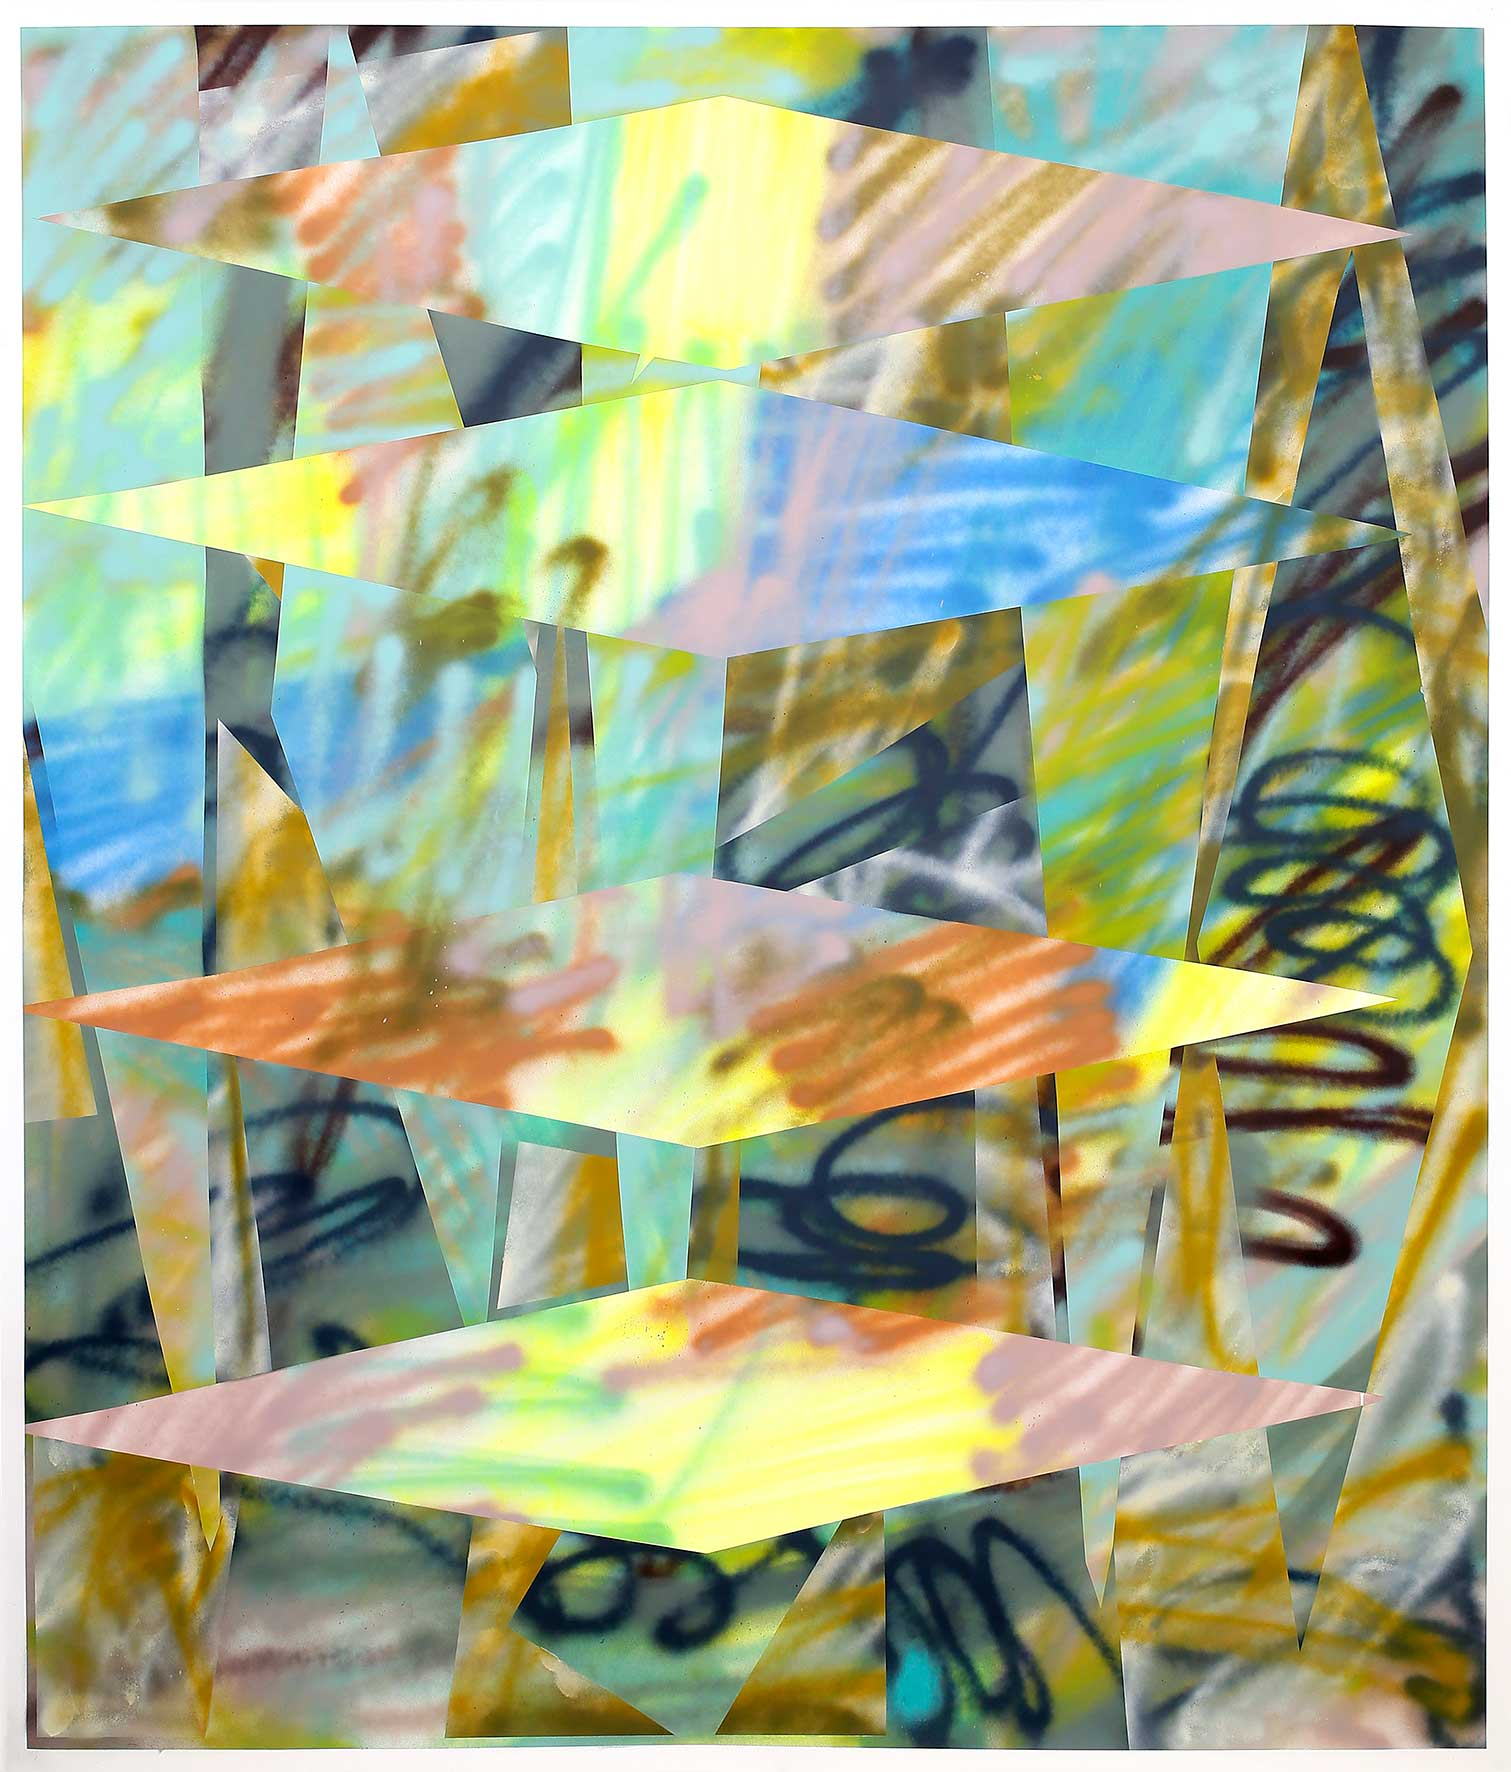 """""""Die Nacht teilt das Gewölk mit schnellen Drachen"""" Acryl auf Papier 200 x 150 cm (Foto Jasha Greenberg)"""